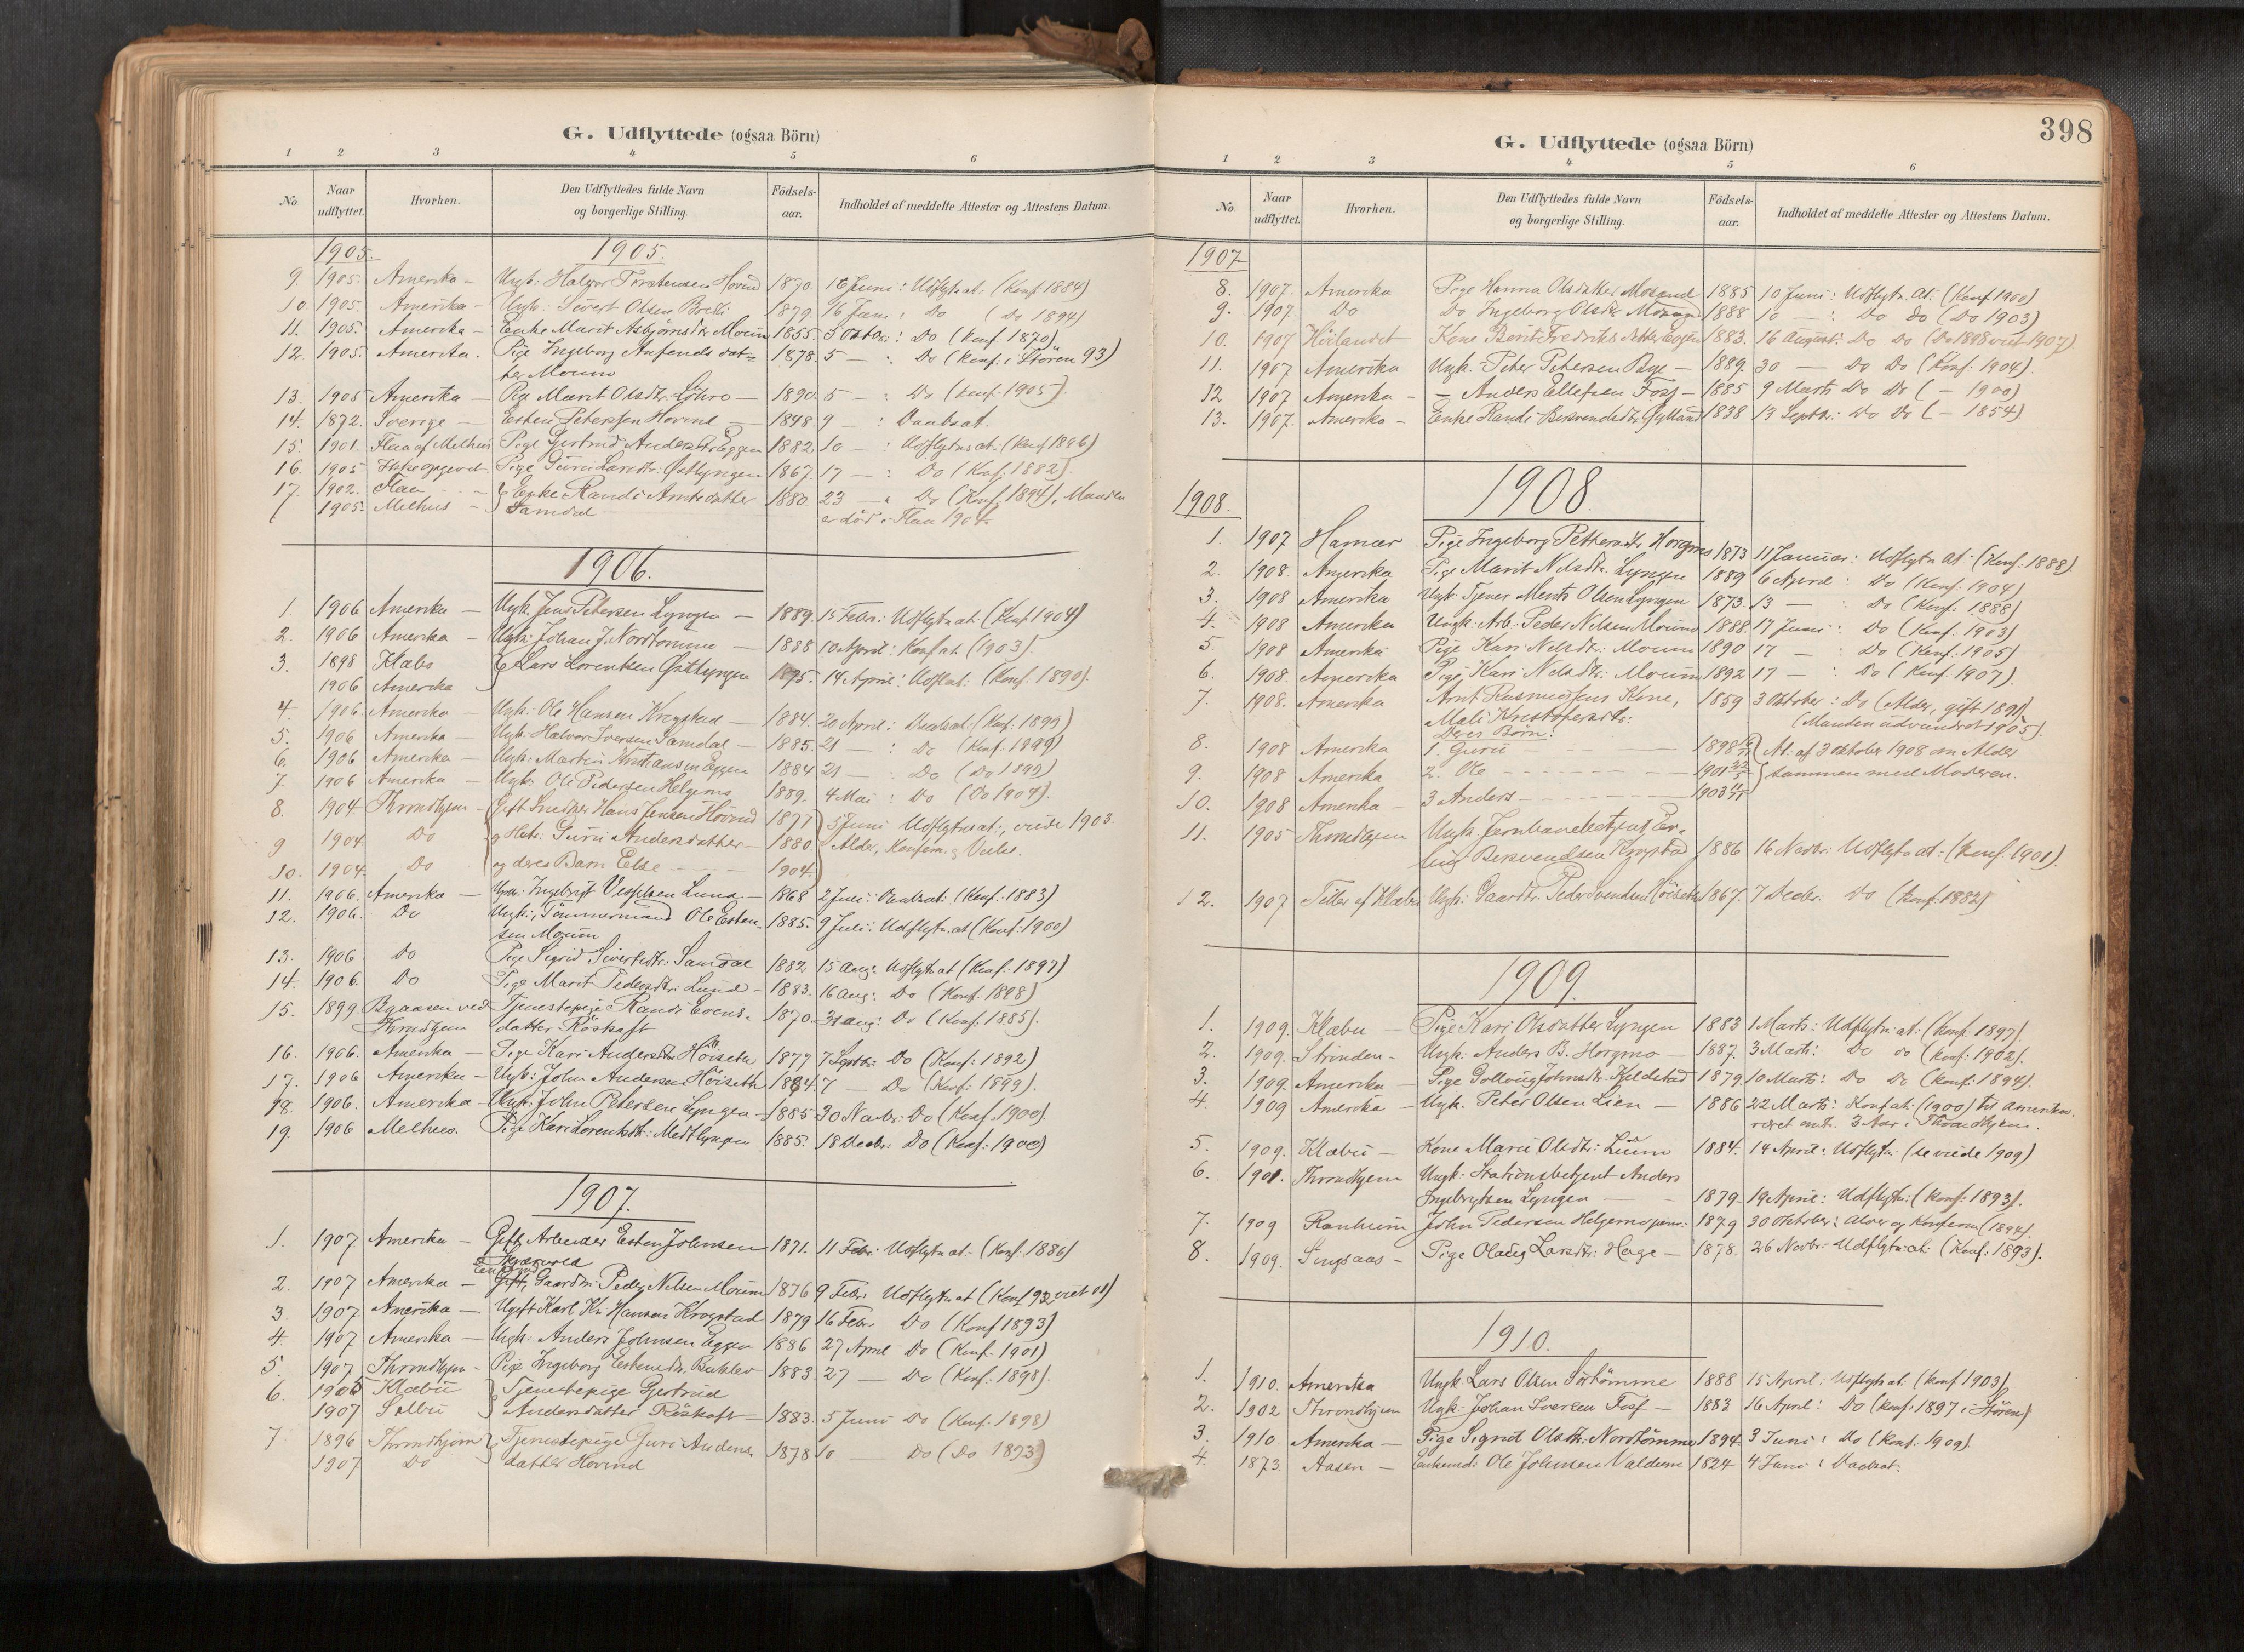 SAT, Ministerialprotokoller, klokkerbøker og fødselsregistre - Sør-Trøndelag, 692/L1105b: Ministerialbok nr. 692A06, 1891-1934, s. 398